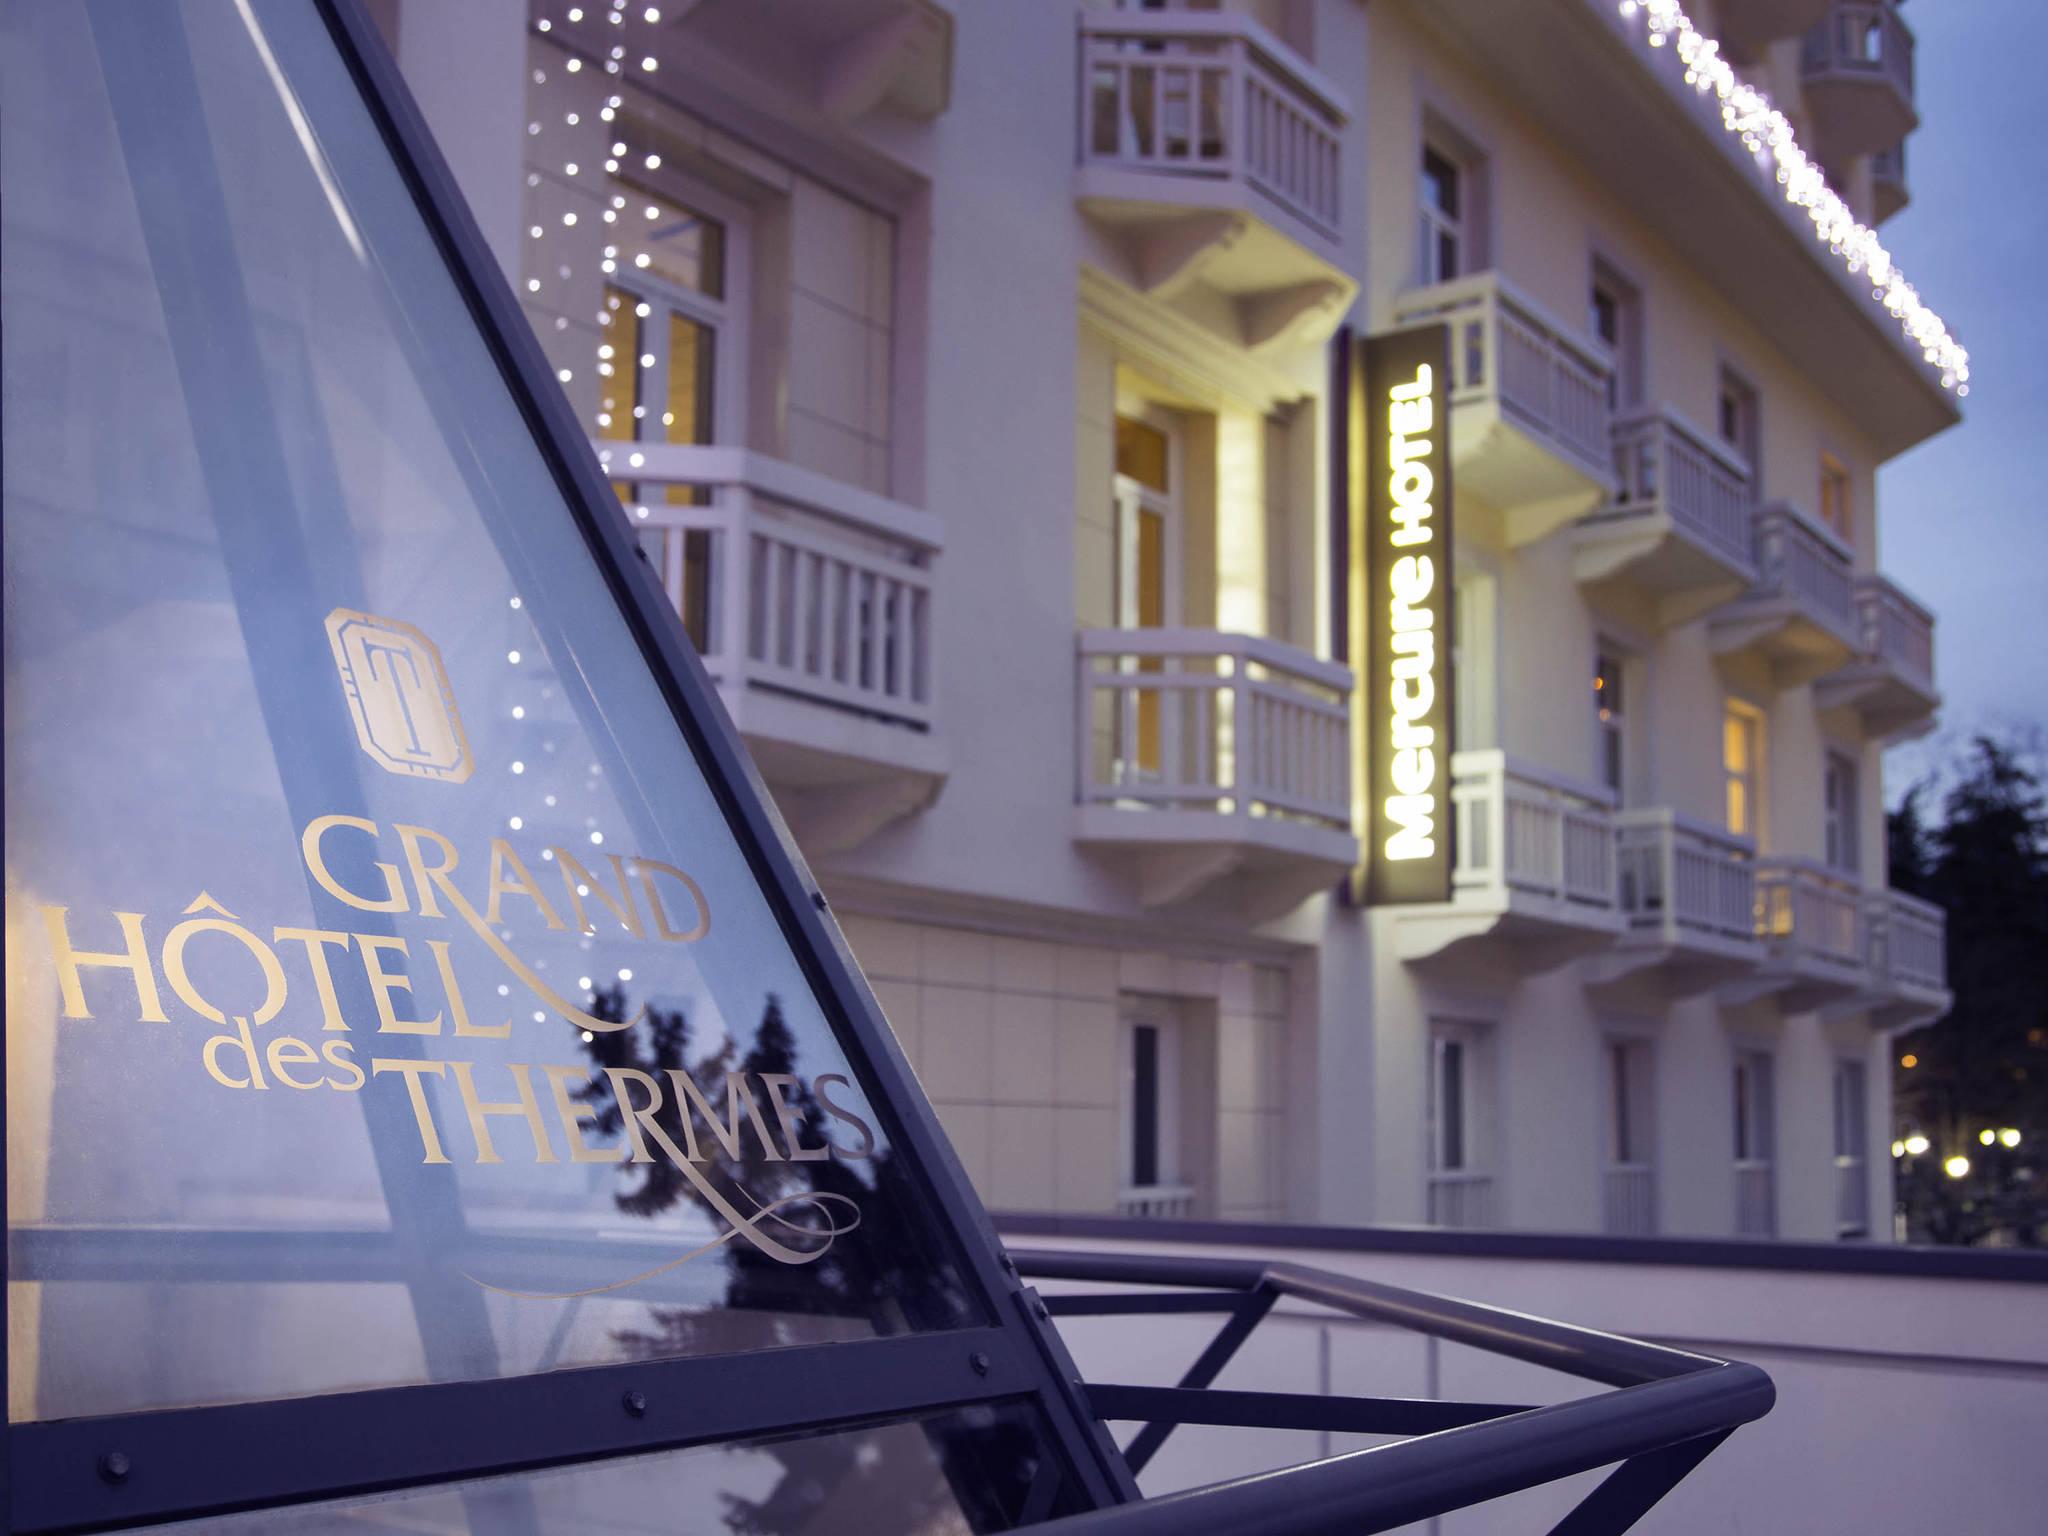 Hotel - Mercure Brides-les-Bains Grand Hôtel des Thermes hotel